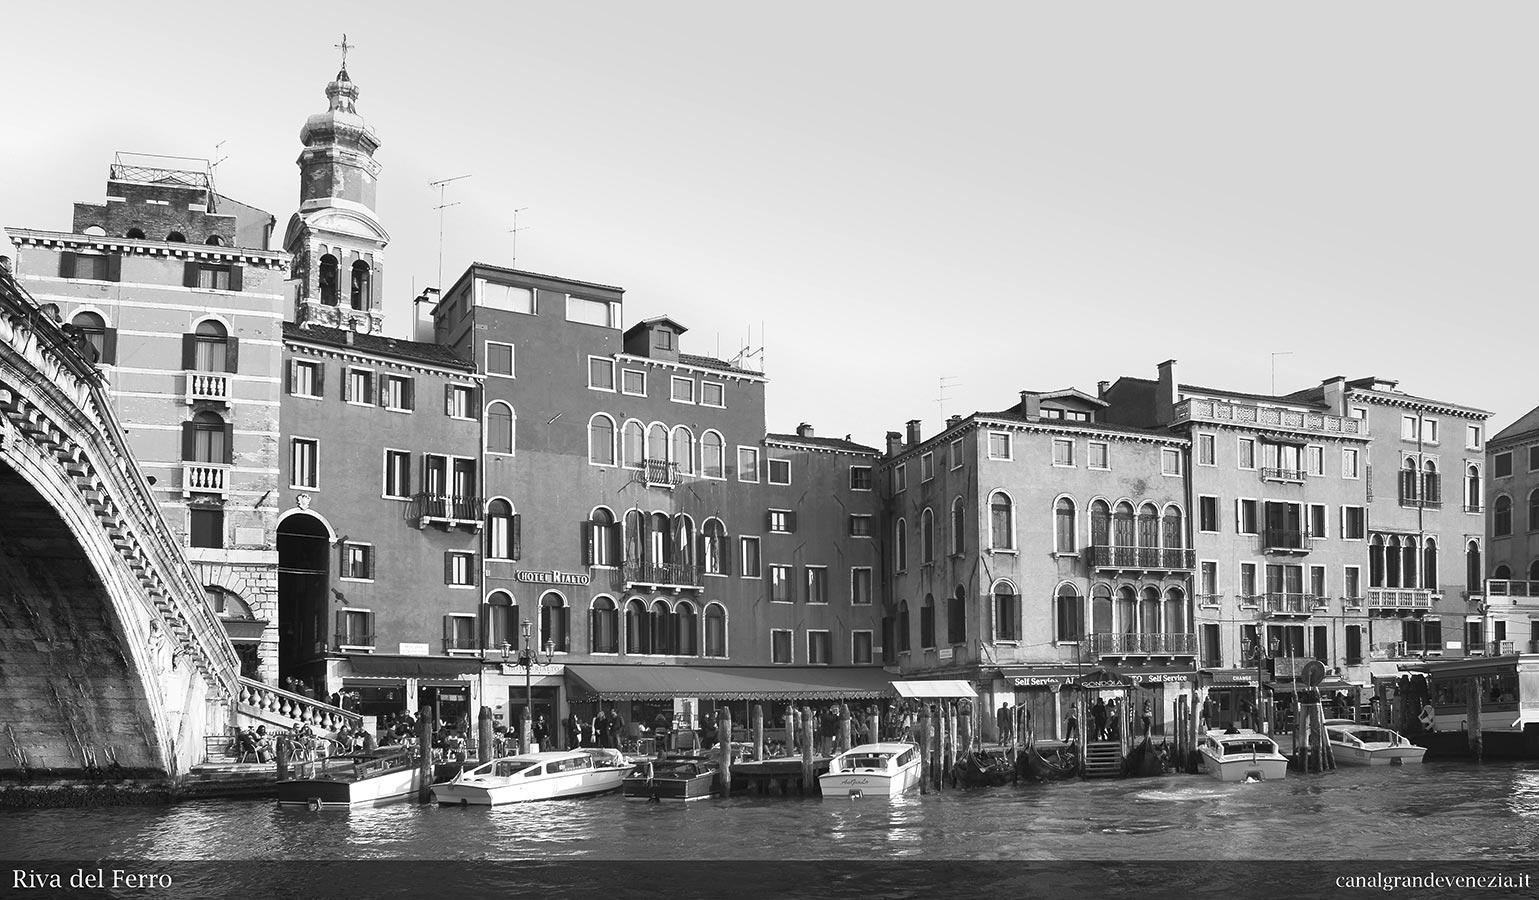 Canal grande di venezia   catalogo illustrato   riva del ferro